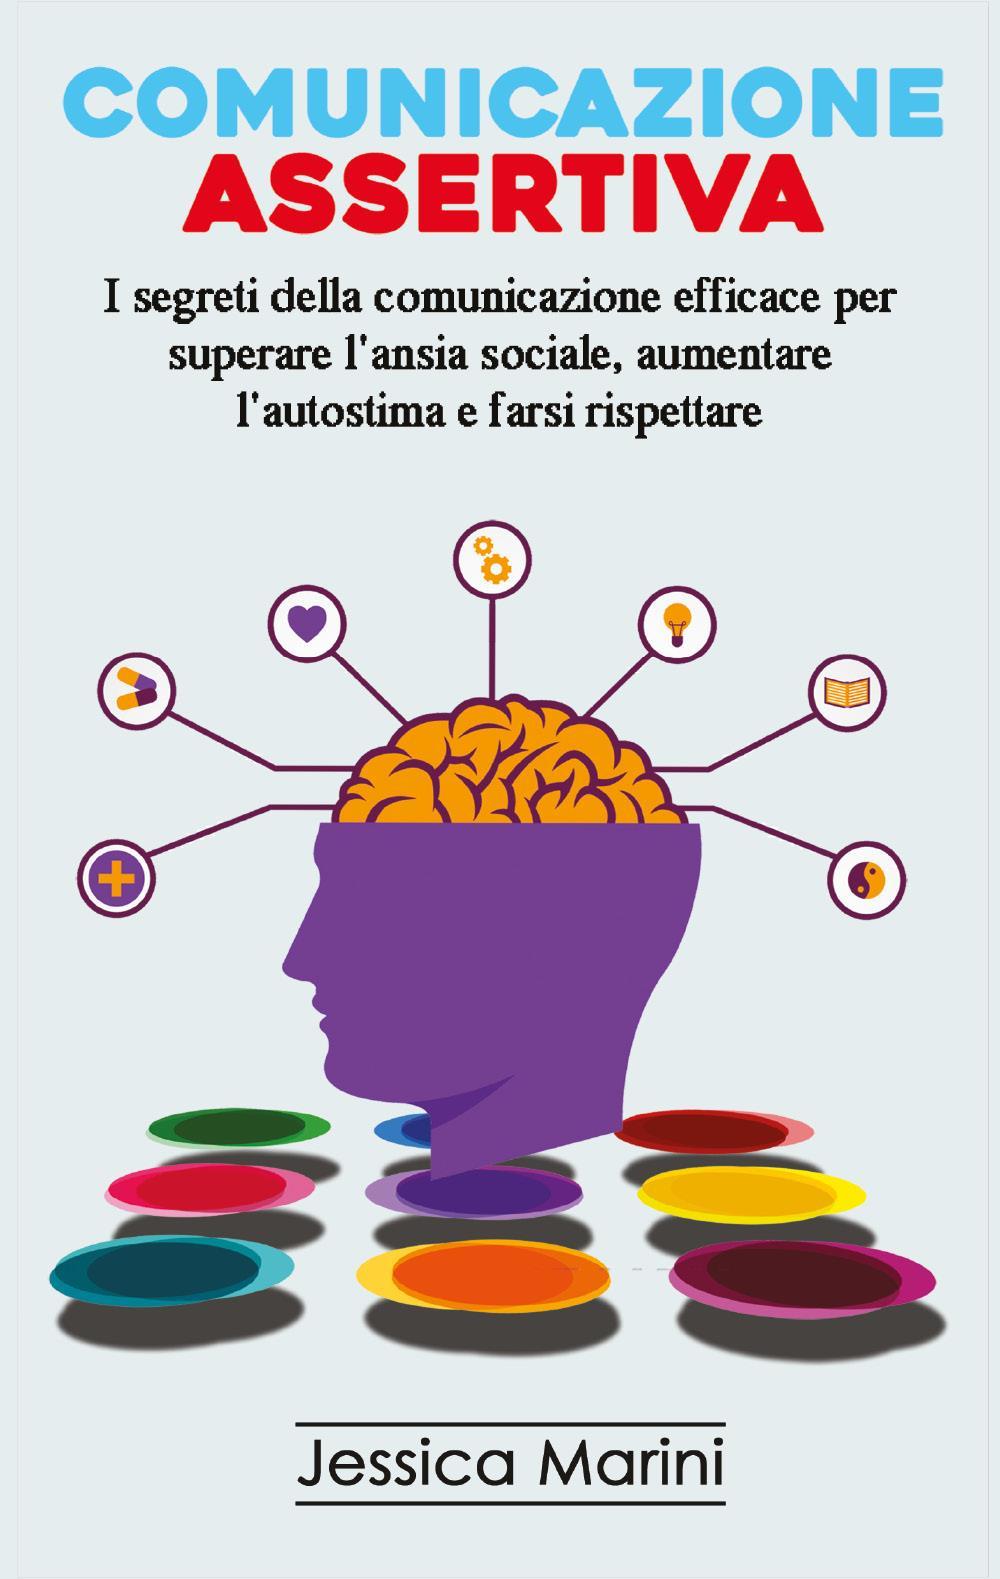 COMUNICAZIONE ASSERTIVA: I segreti della comunicazione efficace per superare l'ansia sociale, aumentare l'autostima e farsi rispettare